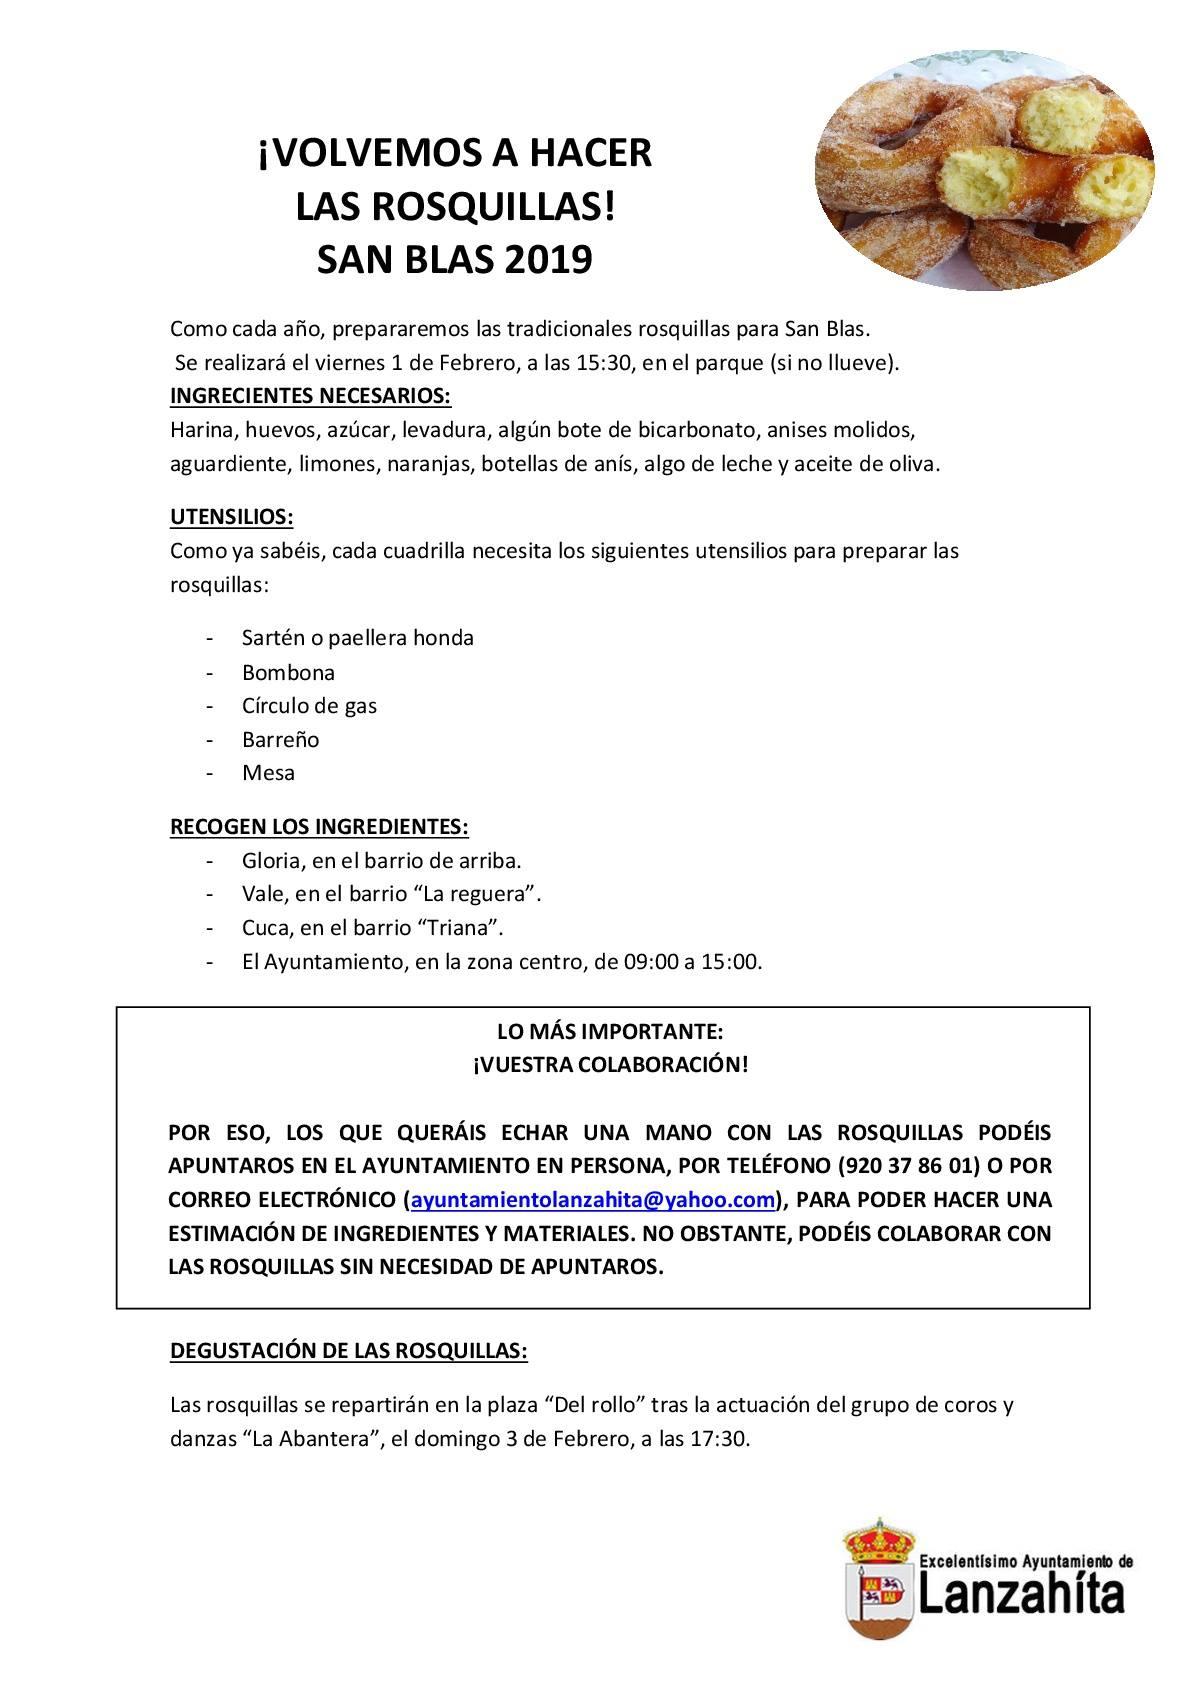 San Blas en Lanzahíta- TiétarTeVe